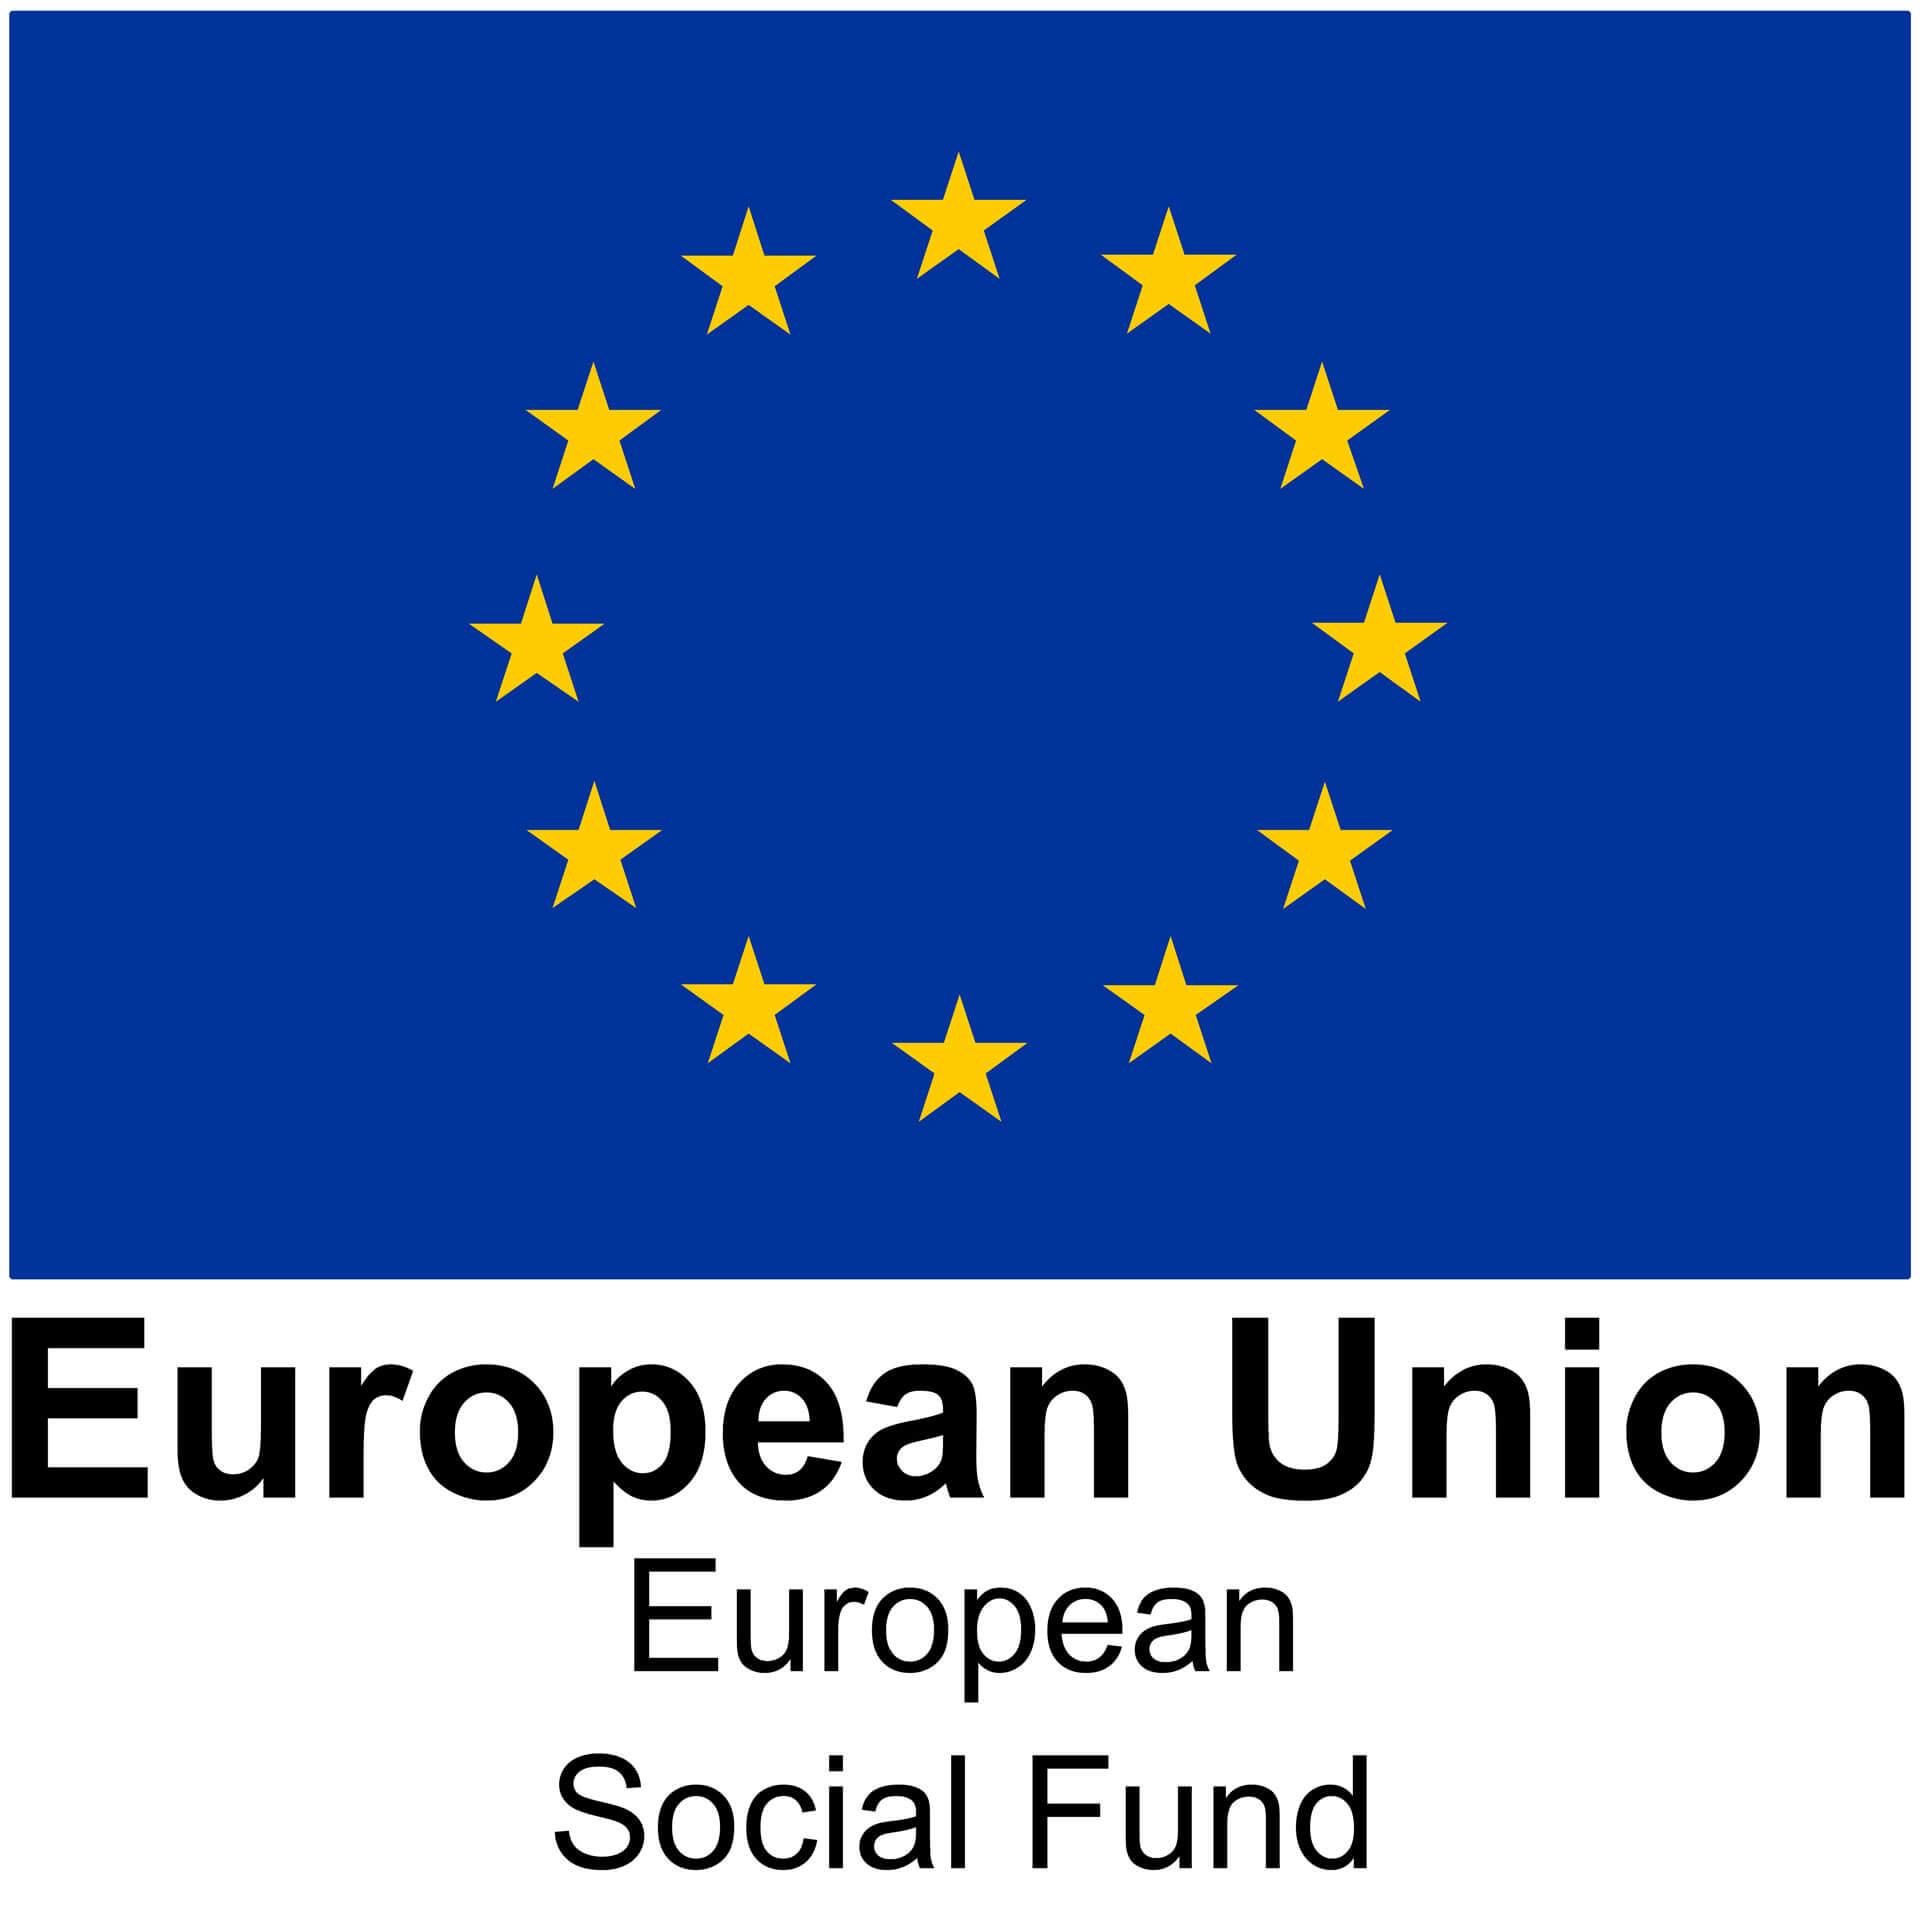 European Union - European Social Fund